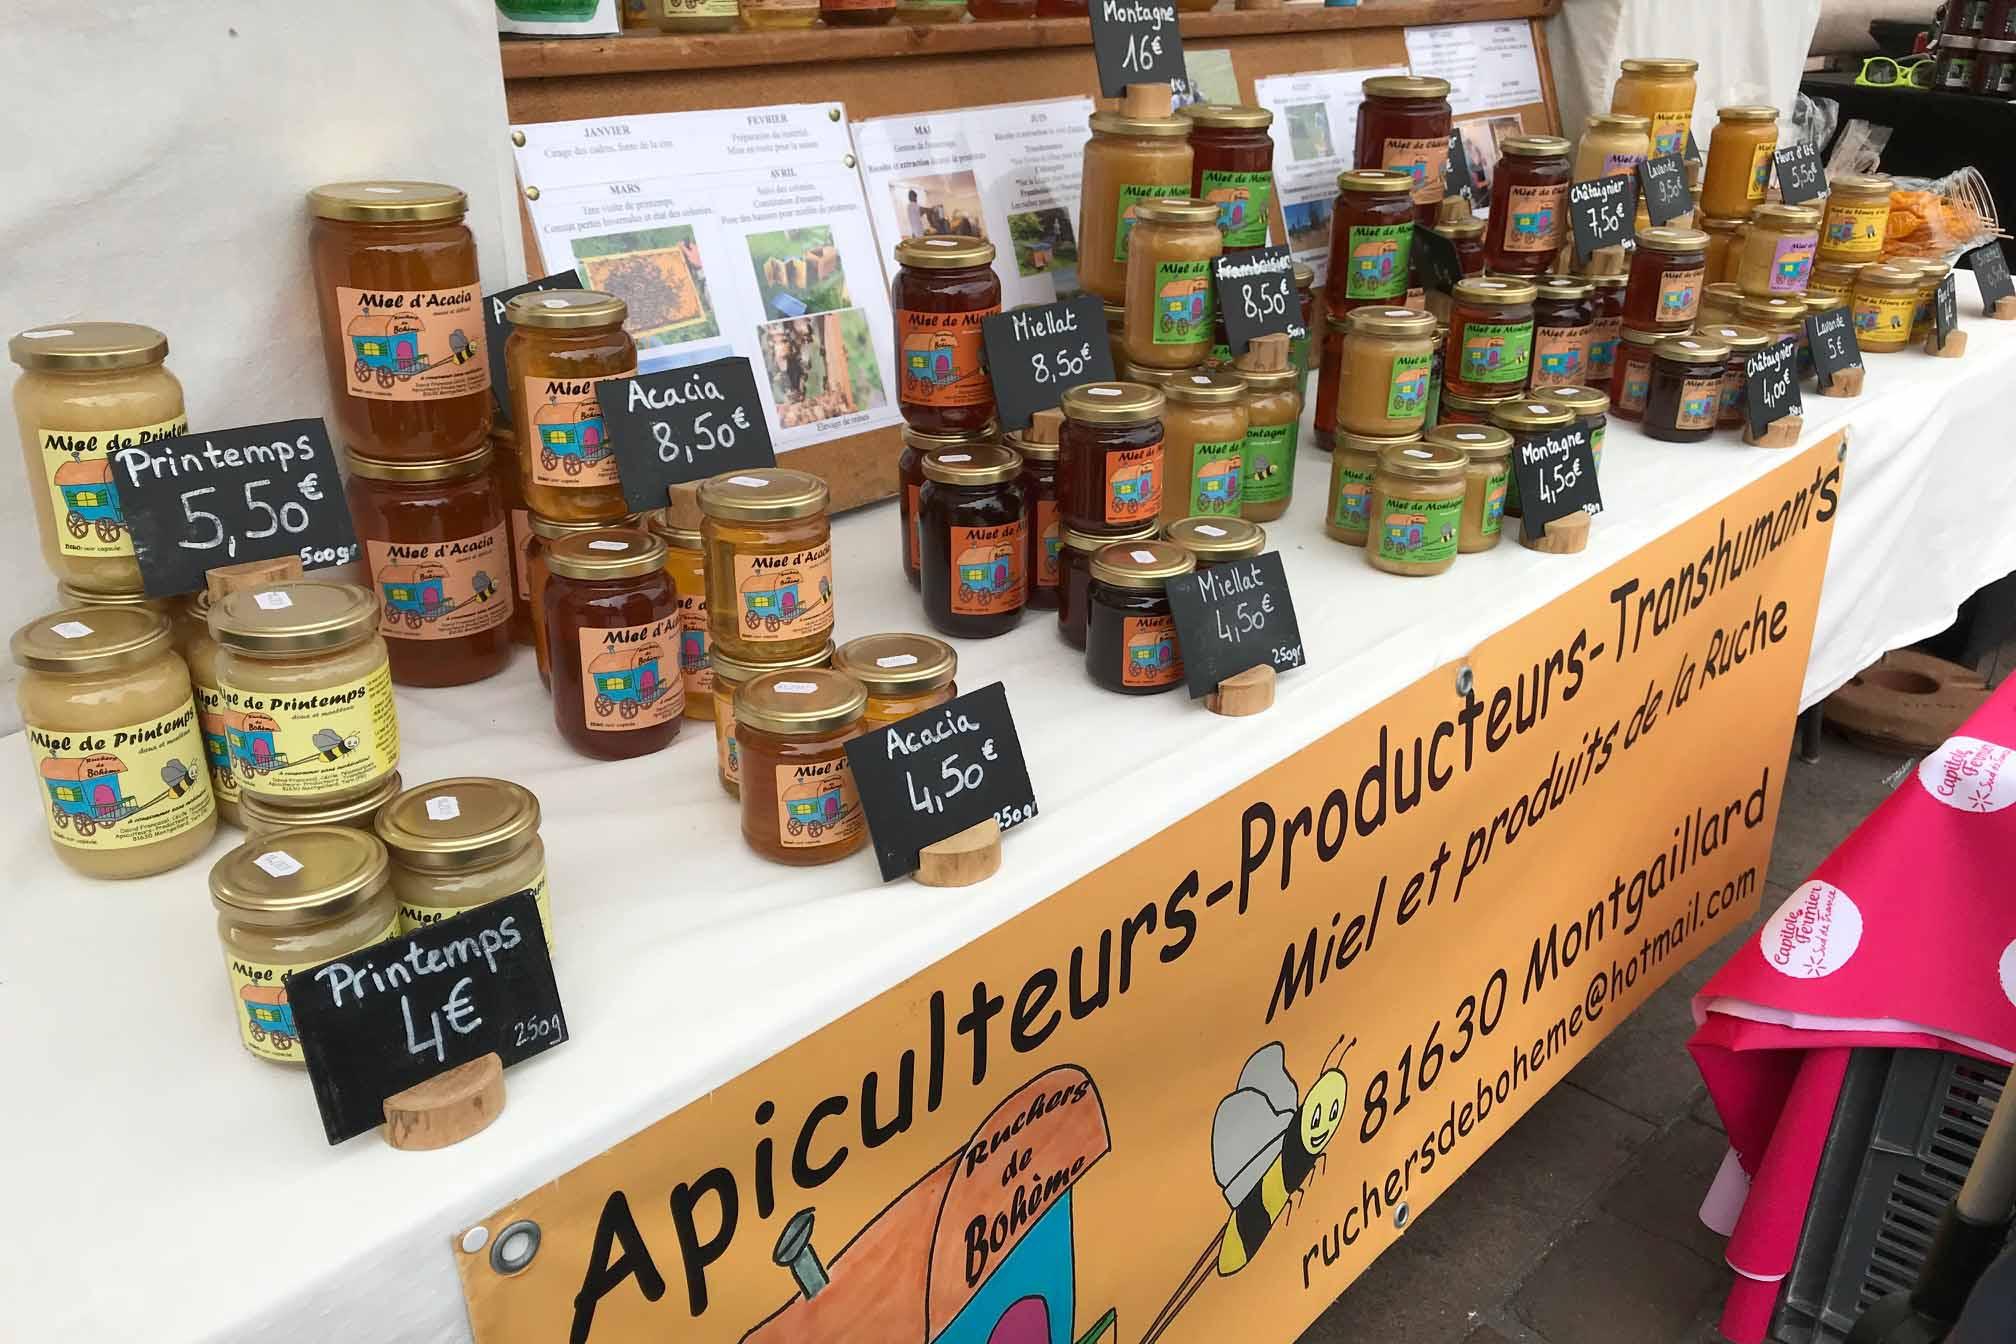 50 cose meravigliose Toulouse miele mercatino